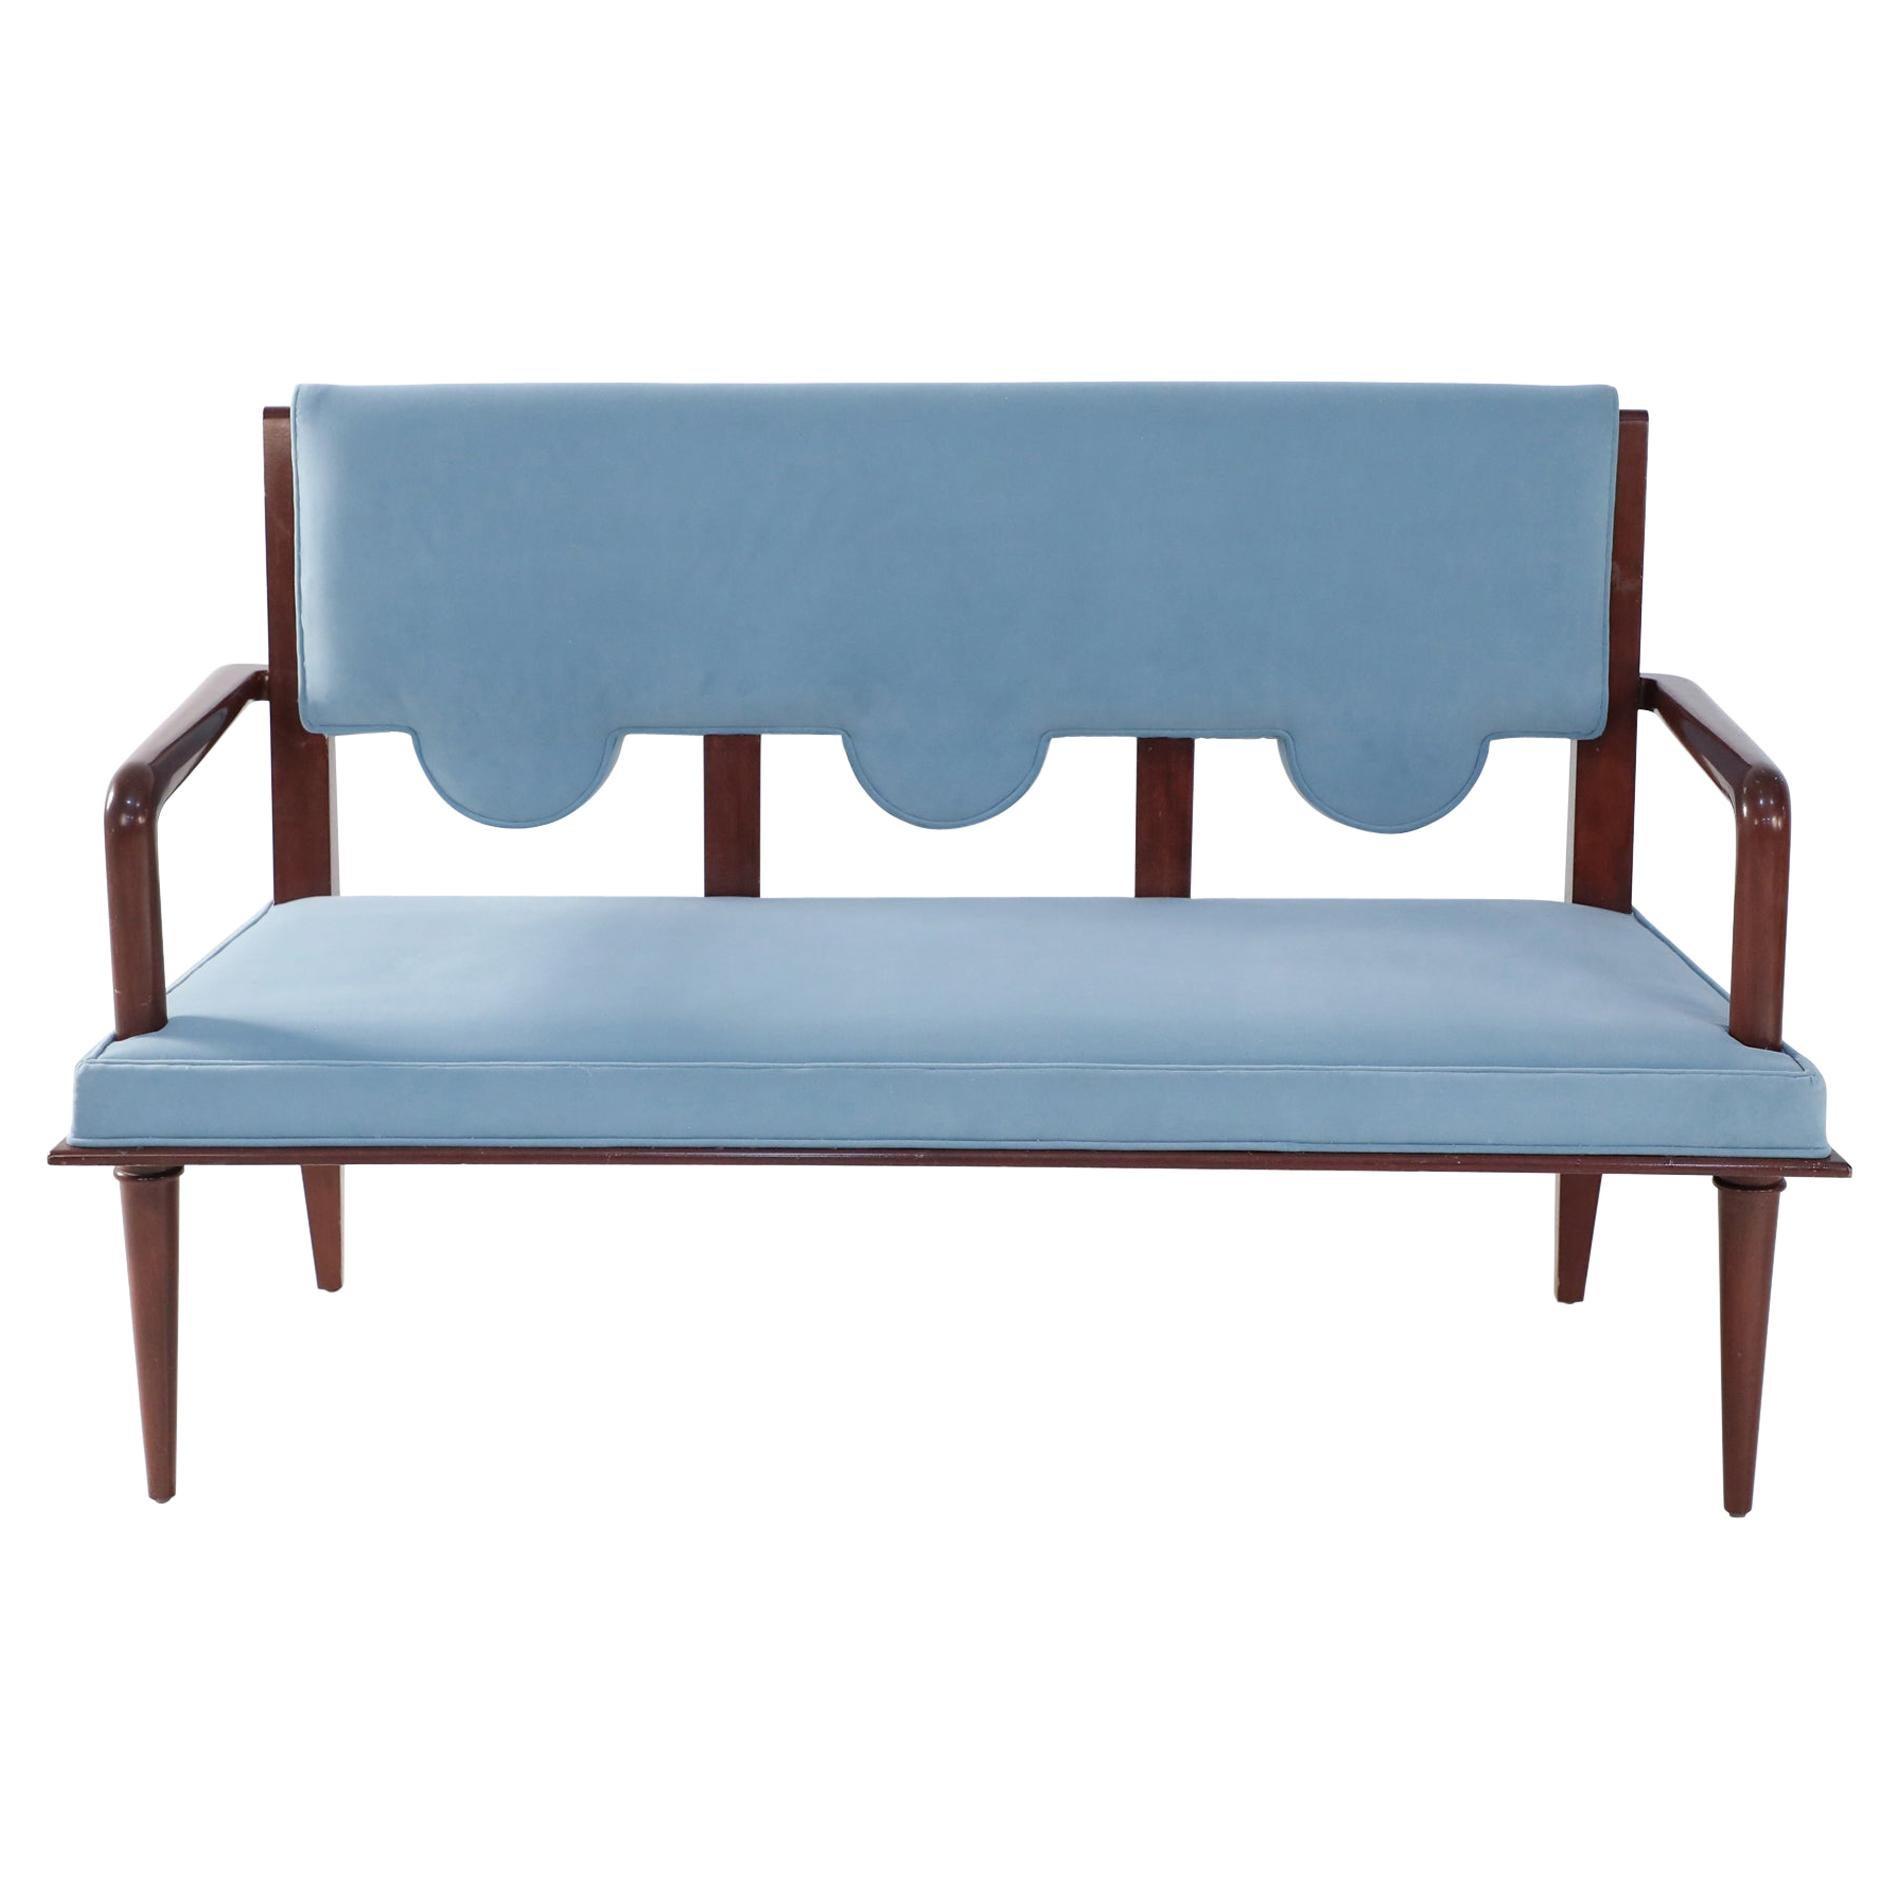 French Mid-Century Arbus Style Light Blue Velvet Upholstered Loveseat Teak Frame